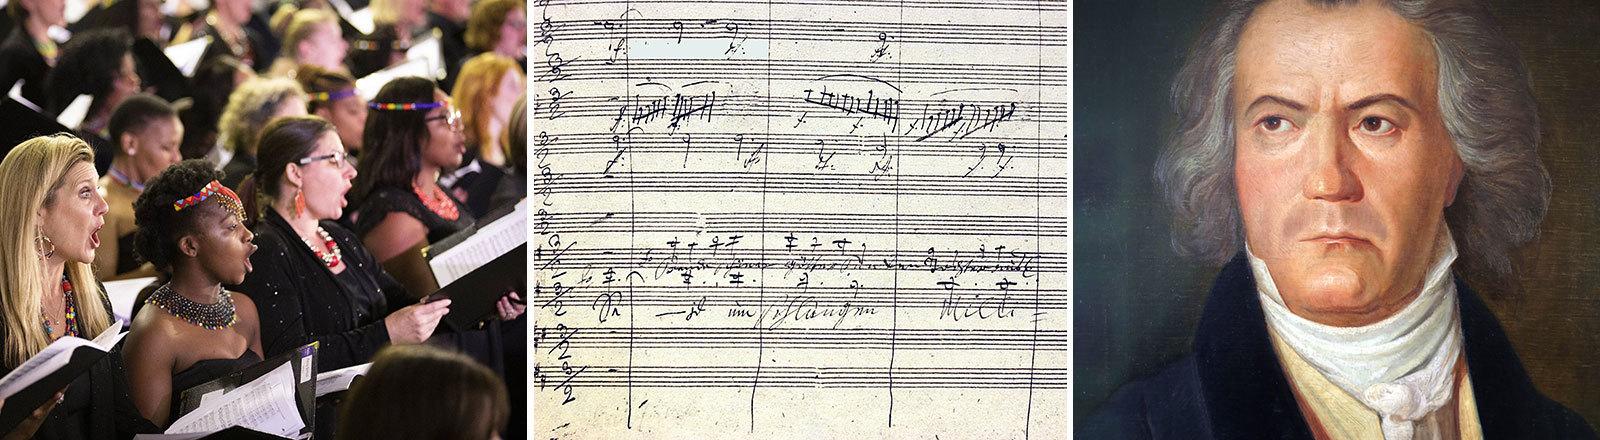 Ein Chor sing Beethovens 9. Sinfonie